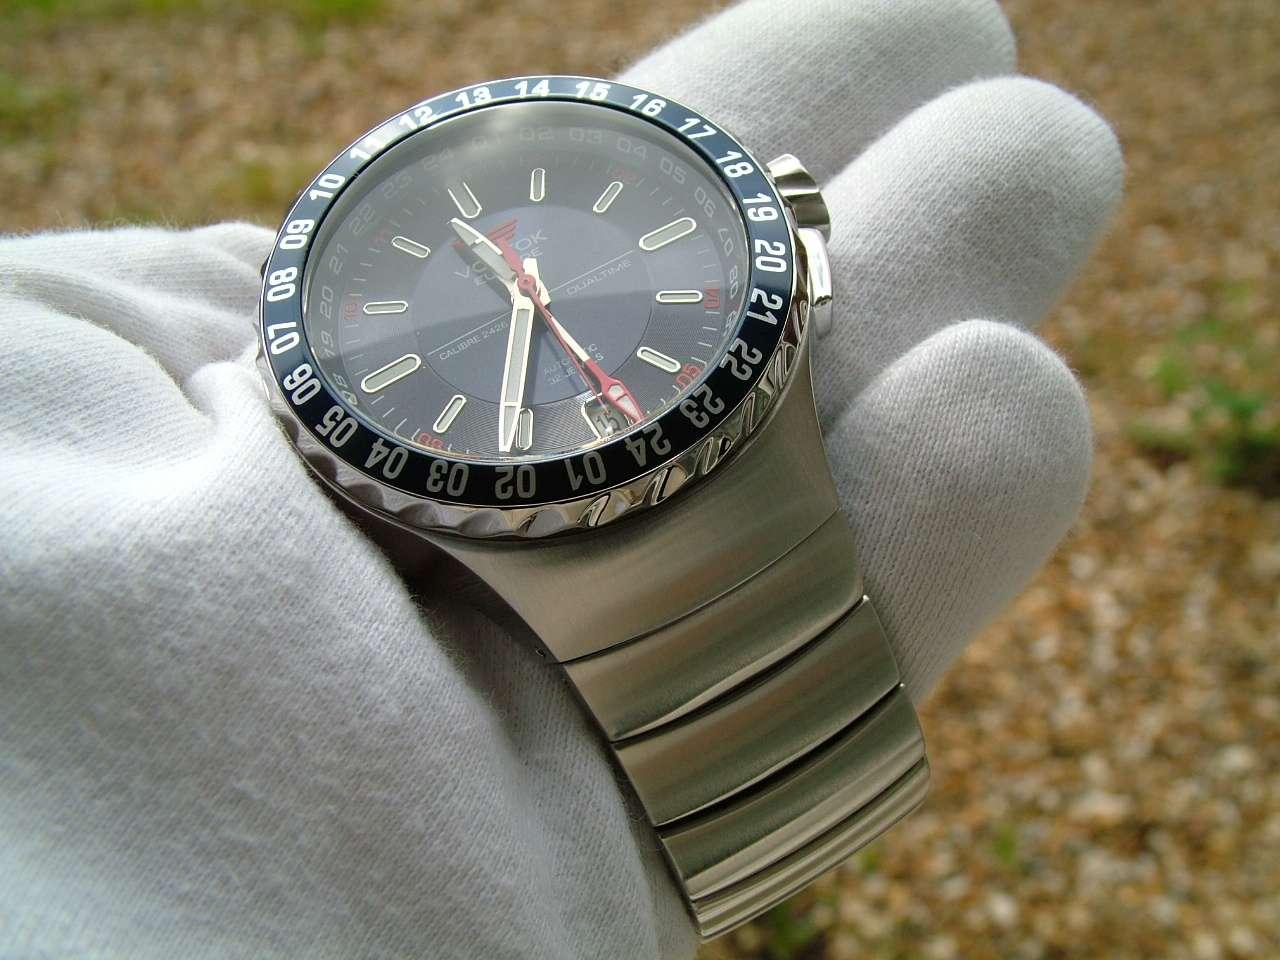 Коллекции часов ve получают названия в честь достижений советской науки и техники.